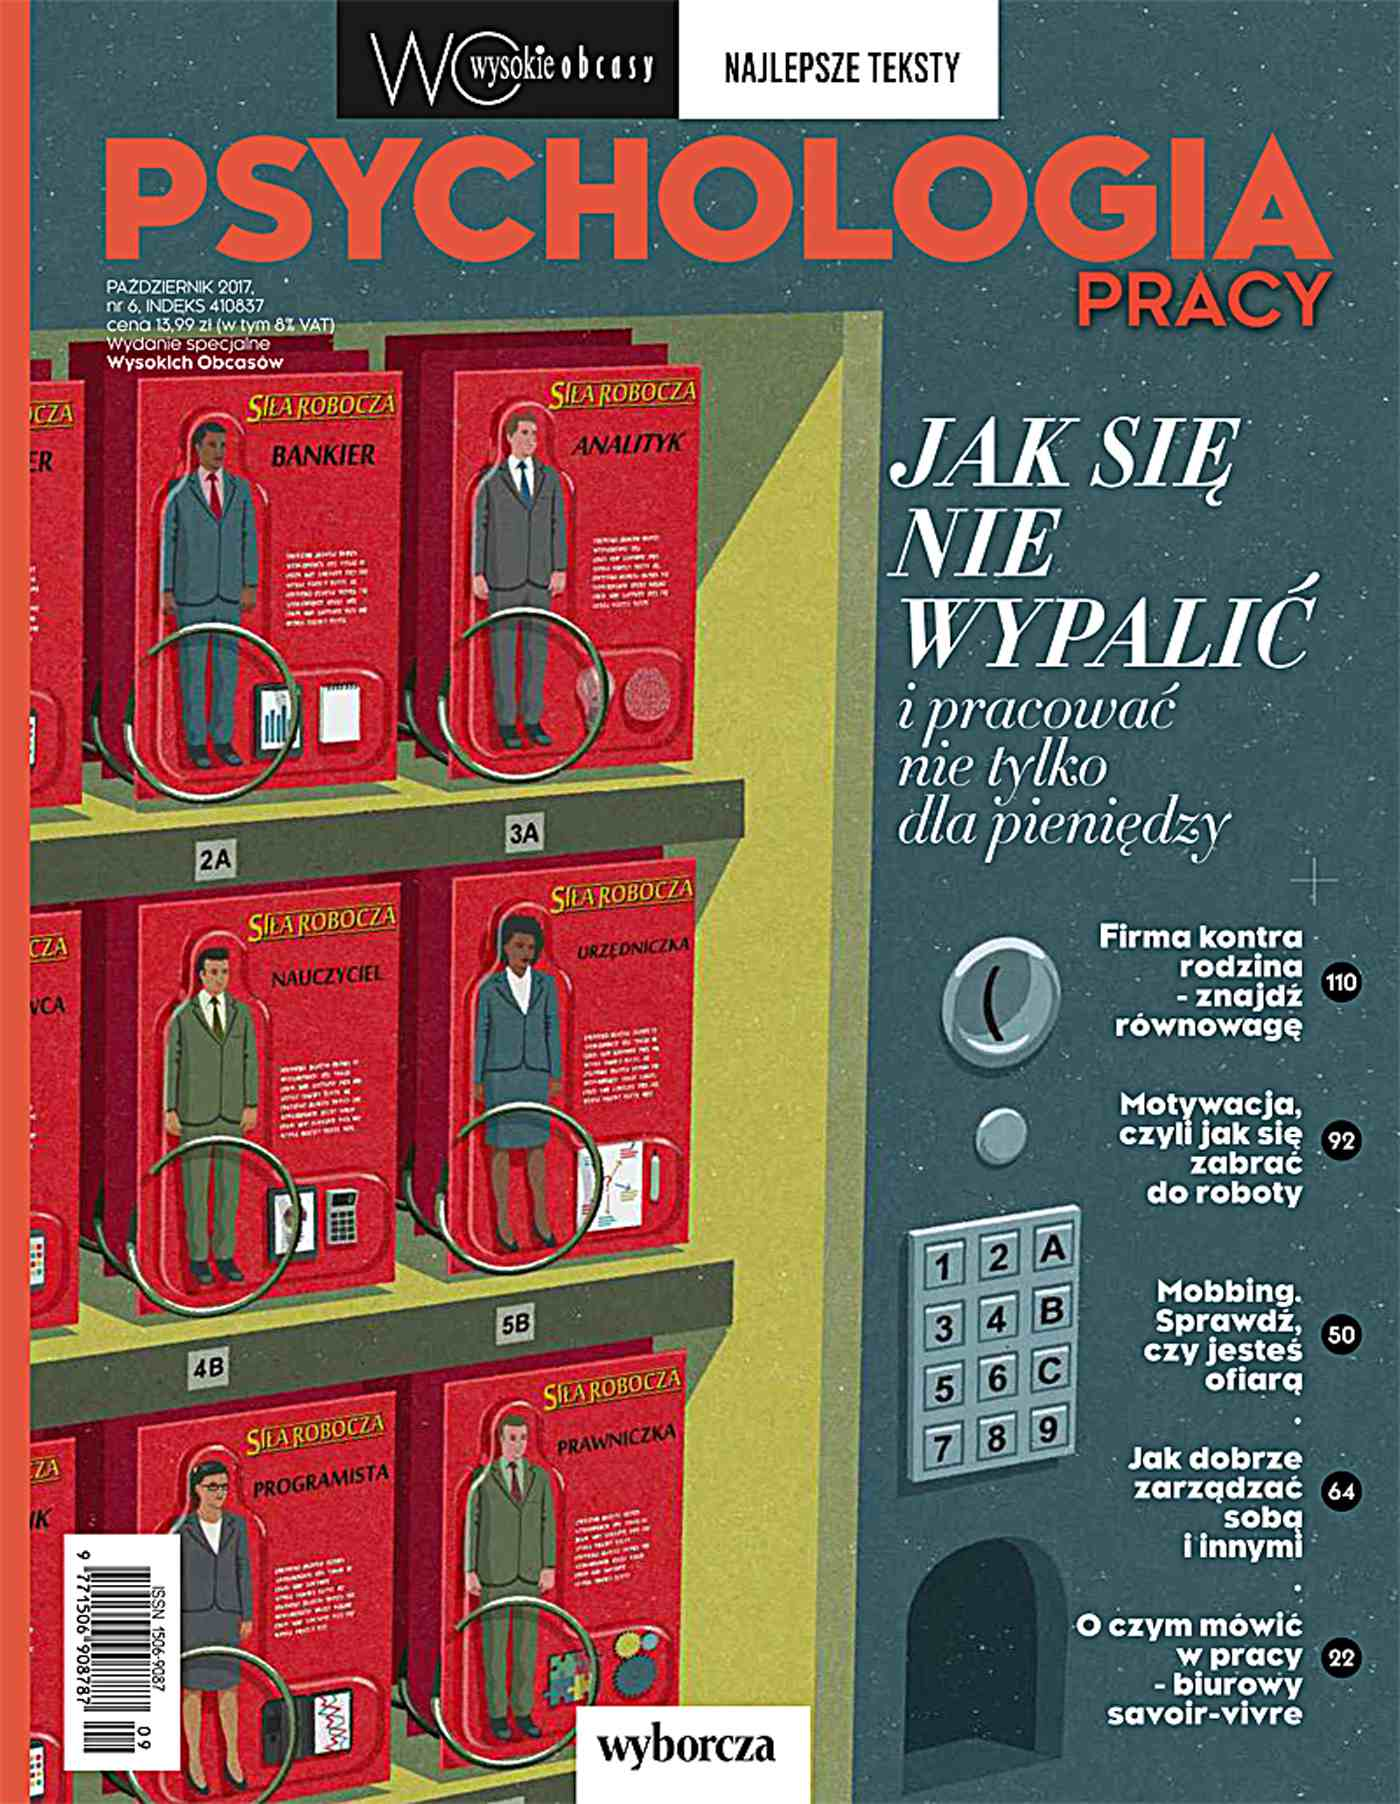 Psychologia pracy. Najlepsze teksty. Wysokie Obcasy. Wydanie Specjalne 5/2017 - Ebook (Książka EPUB) do pobrania w formacie EPUB